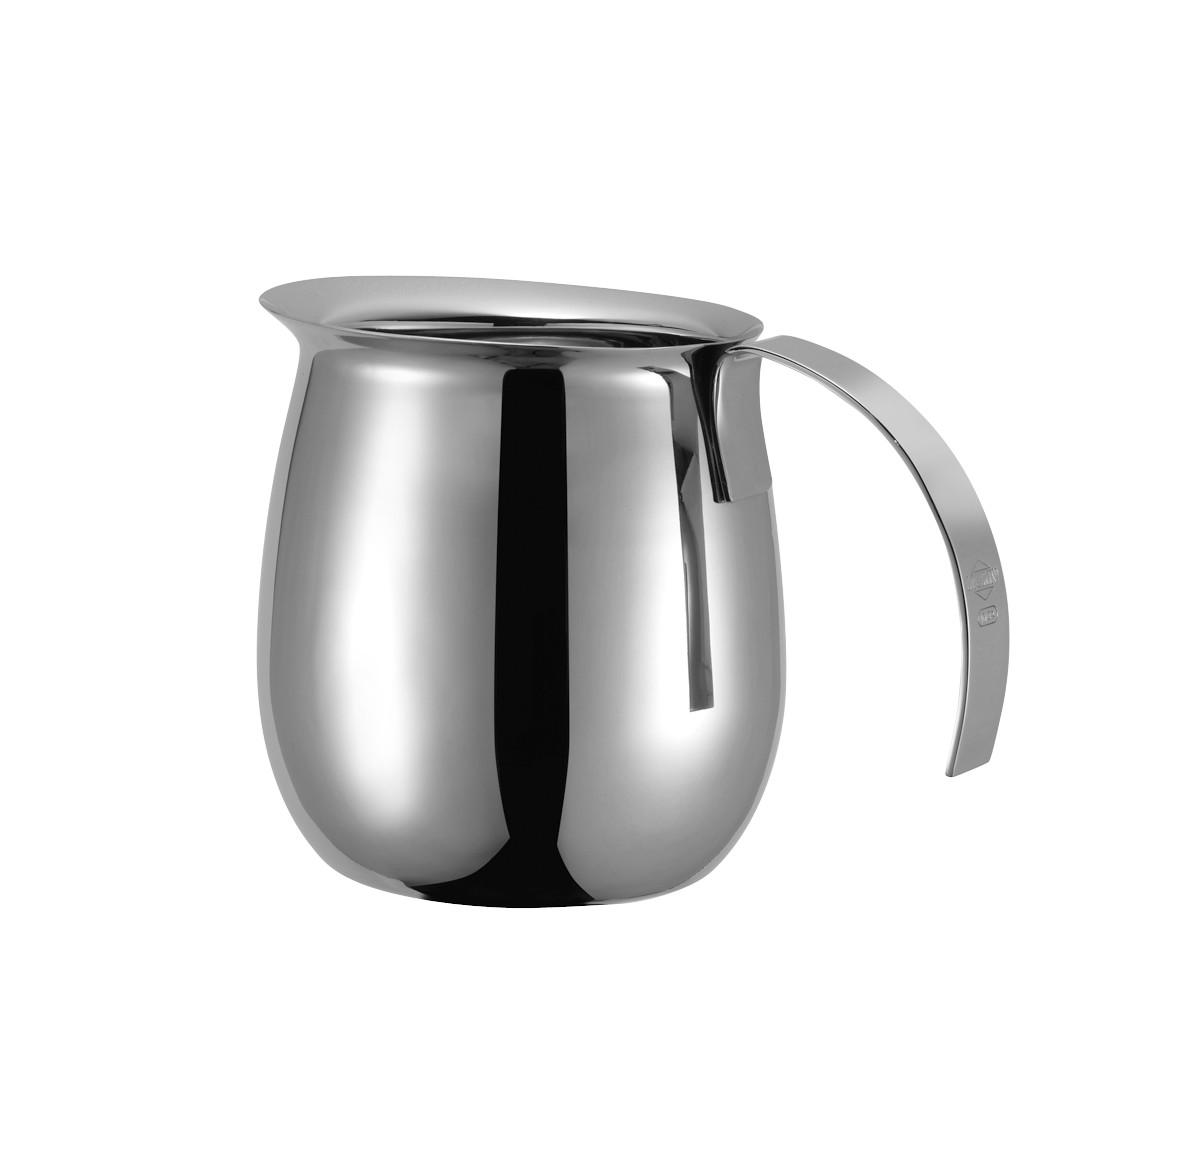 4-Tassen-Aufschäumkännchen